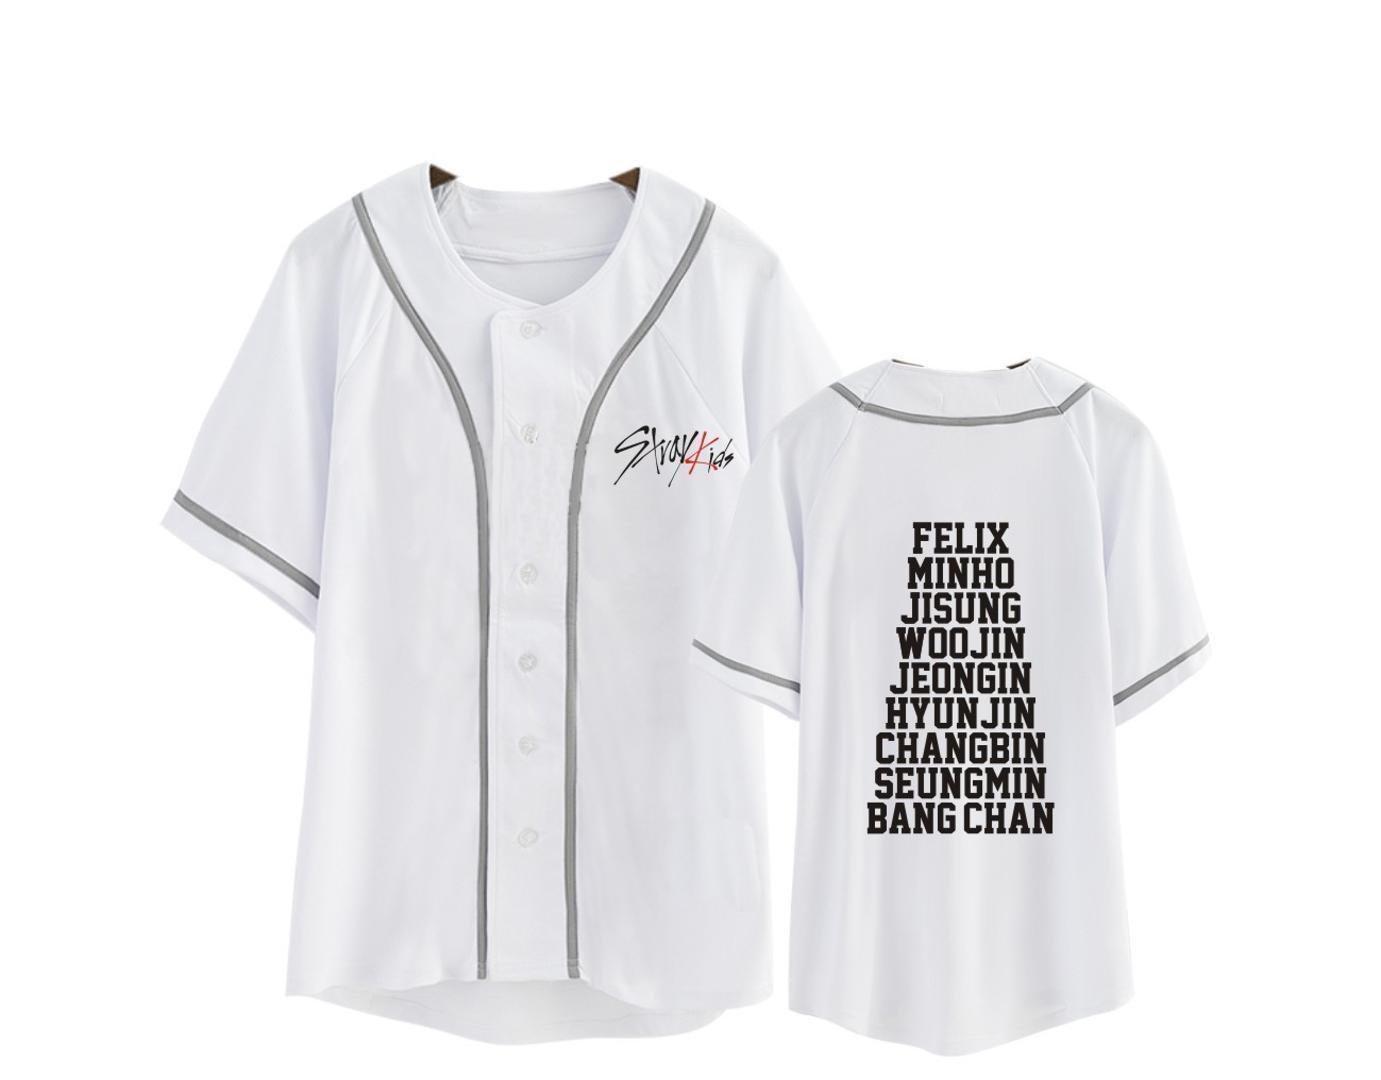 Compre Kpop Stray Crianças Moleton Camiseta Mulheres Homens Algodão Branco  T Shirt De Beisebol Harajuku Top Camisa De Manga Curta T De Vikey13 36c4ffe5a55